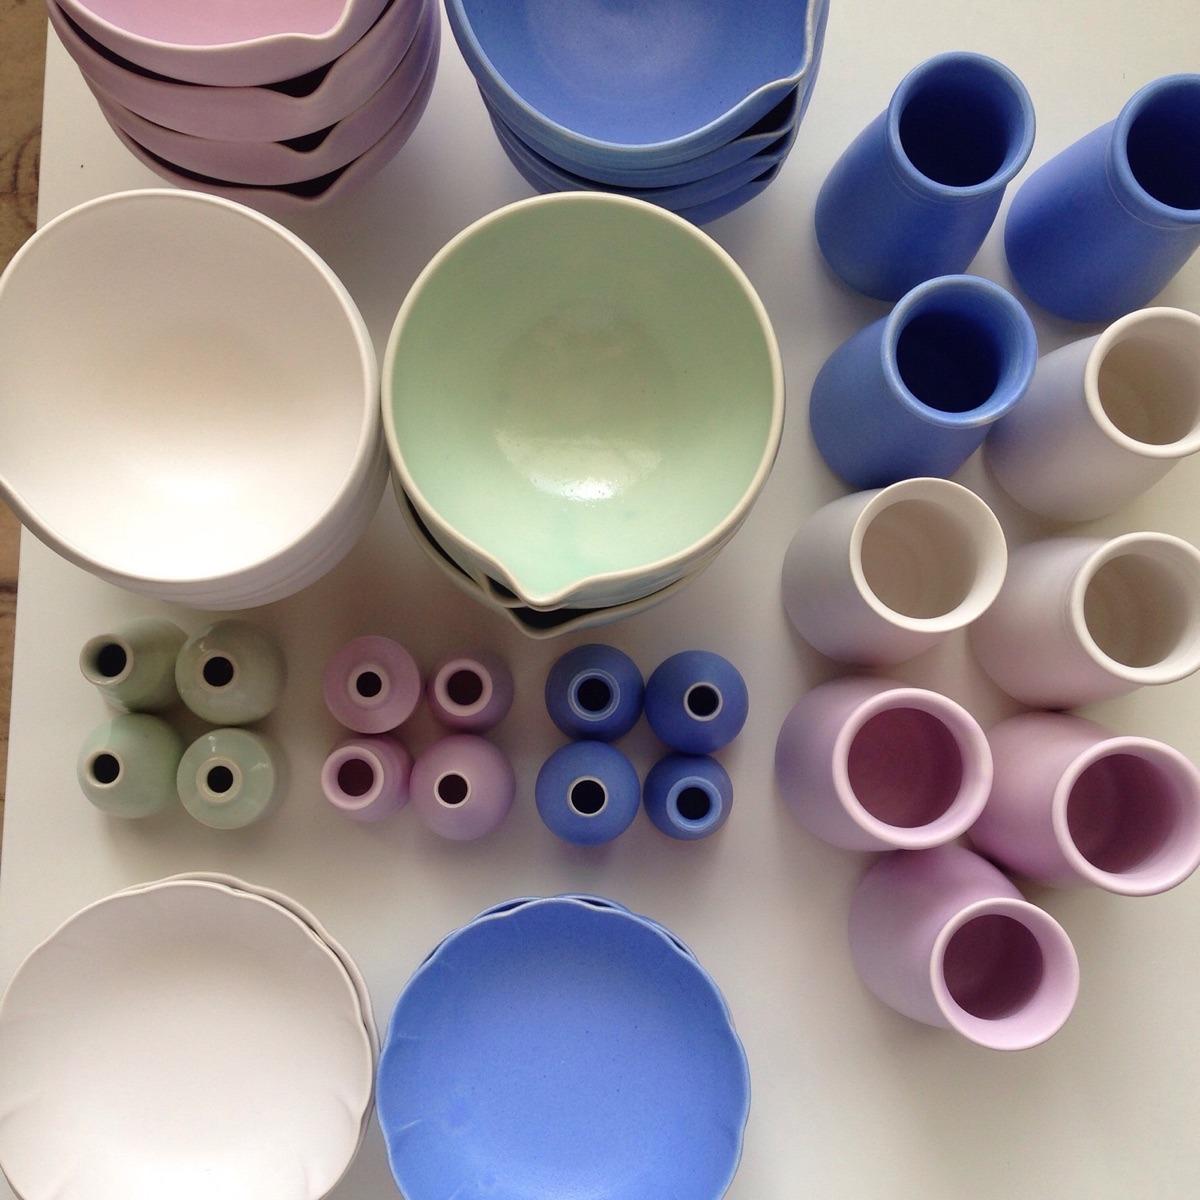 AKAI CERAMIC STUDIO (@akai_ceramic_studio) Cover Image